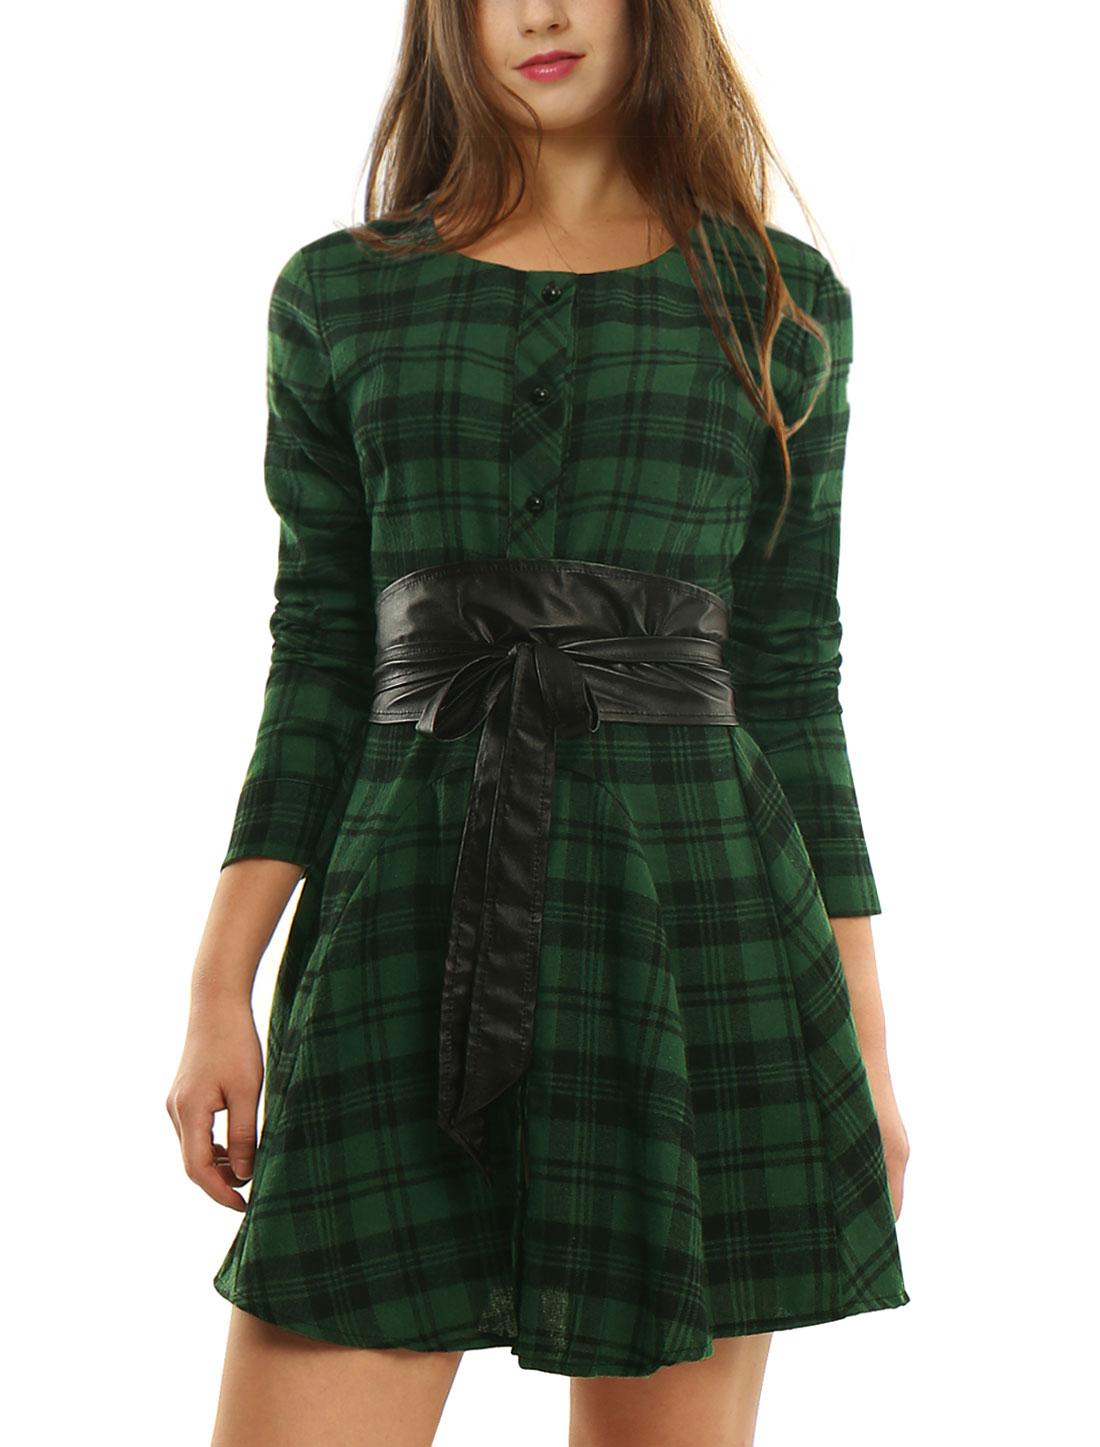 Allegra K Woman Plaids Long Sleeves Belted A Line Shirt Dress Green Black L